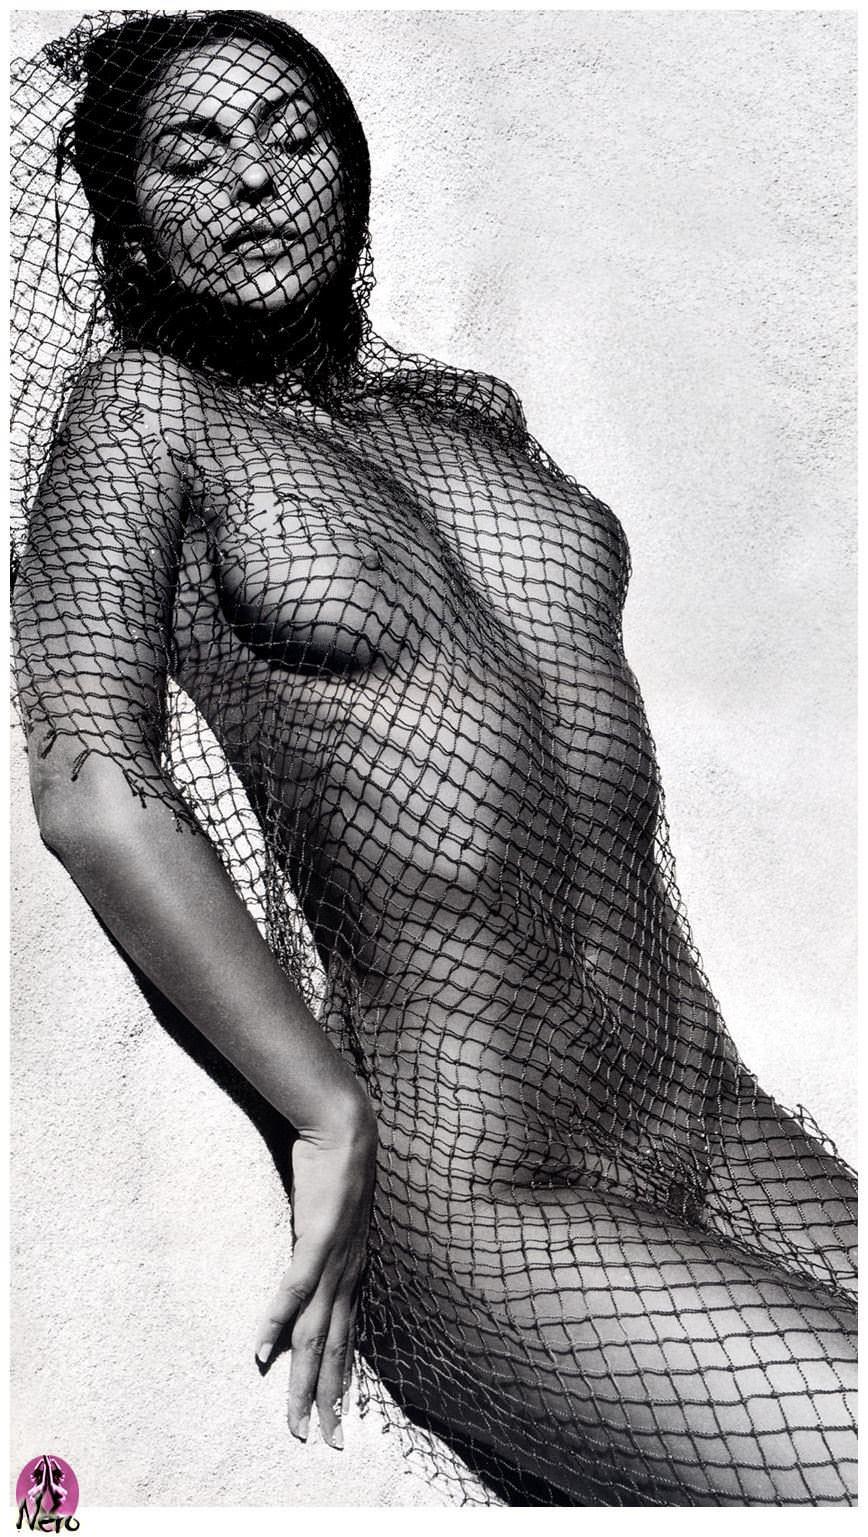 【外人】イタリア人女優モニカ・ベルッチ(Monica Bellucci)の大胆おっぱい露出ポルノ画像 598